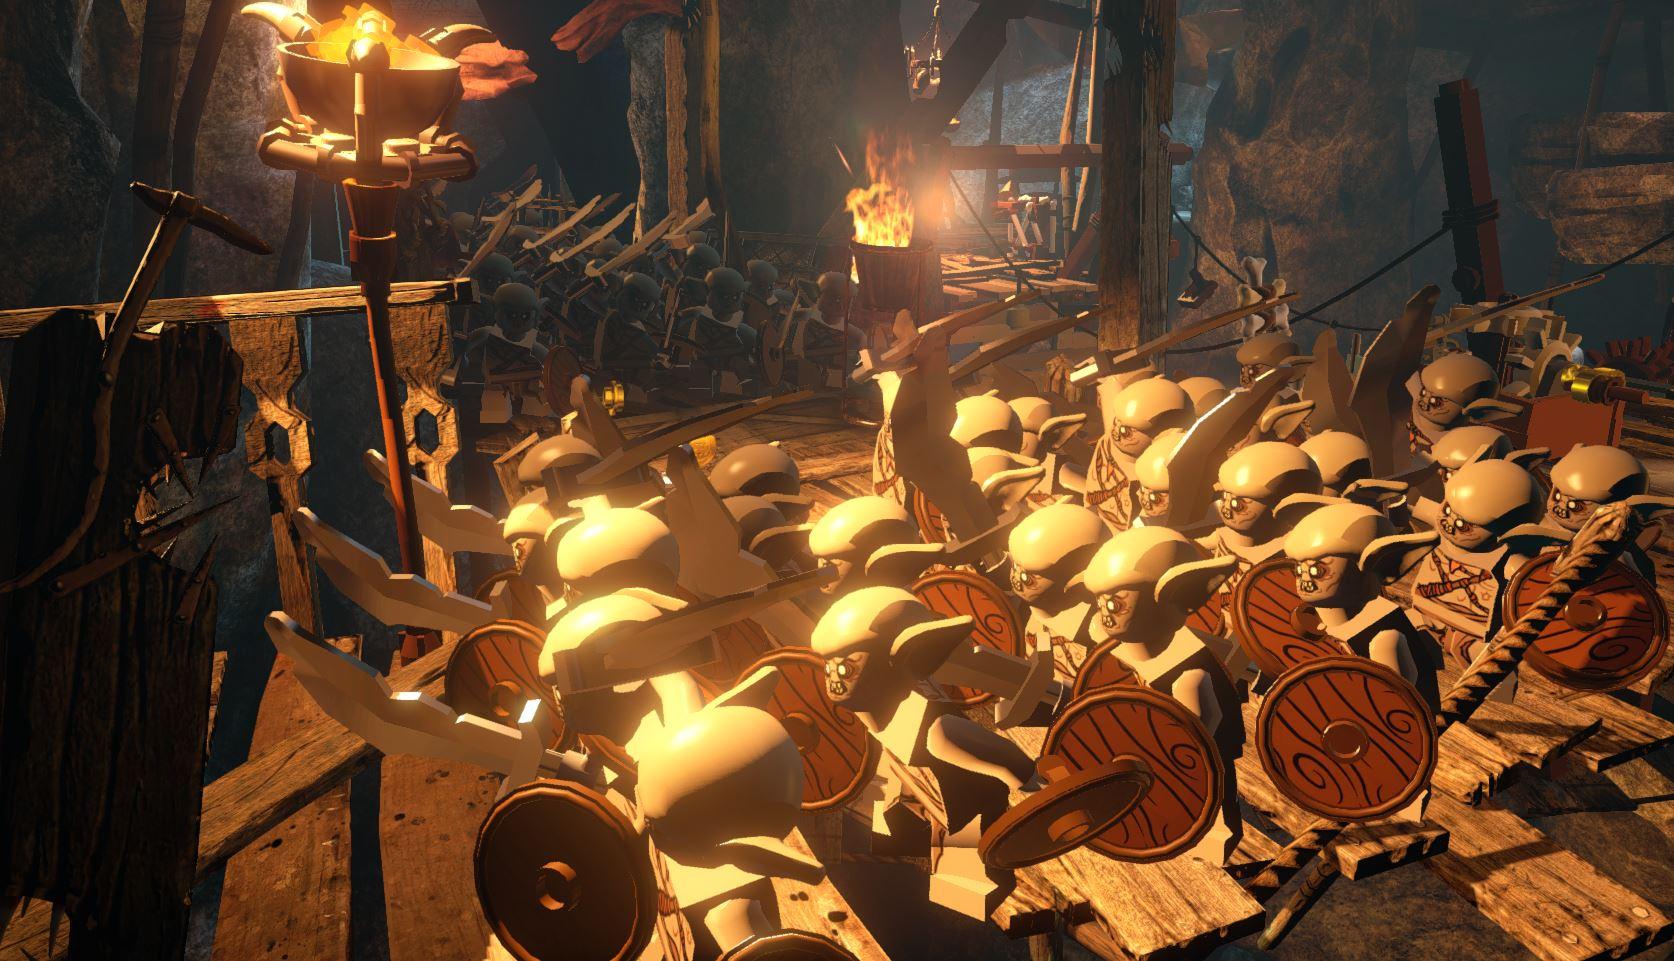 The Hobbit przedstawia podróż bohaterów książki i filmów Hobbit